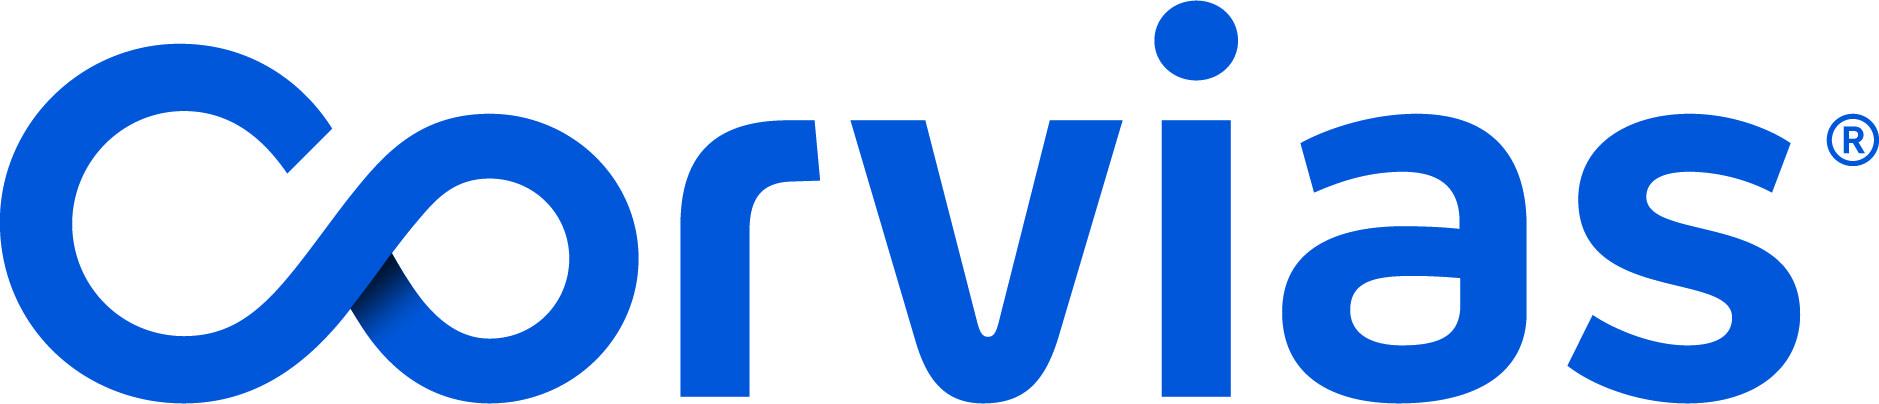 Corvias_Logos_new2019.jpg